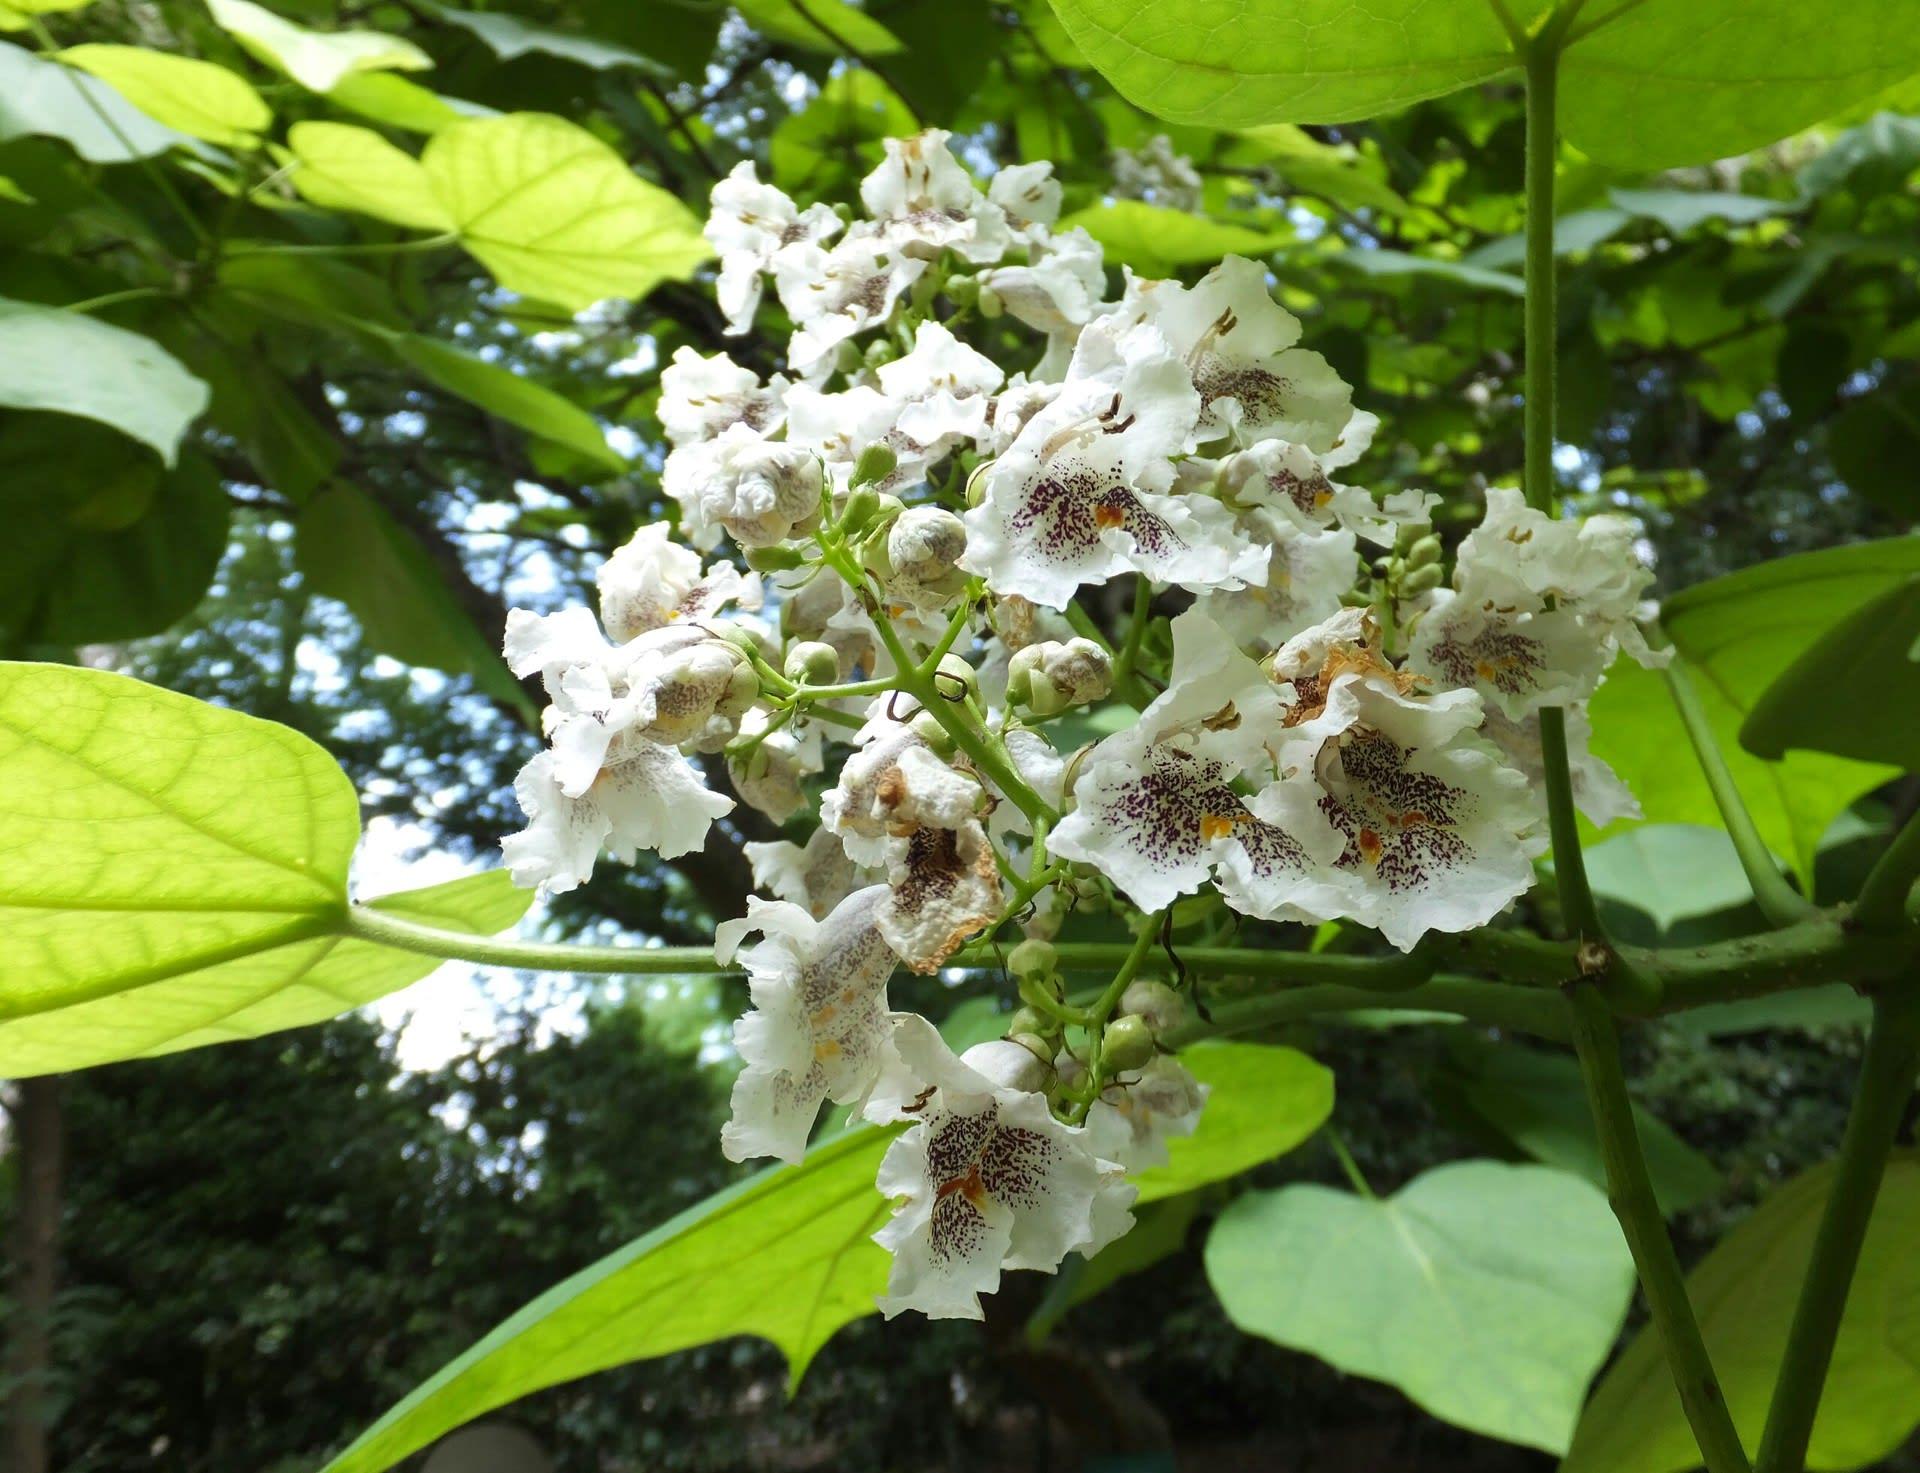 ウチョウラン、睡蓮、蓮の花 - ...